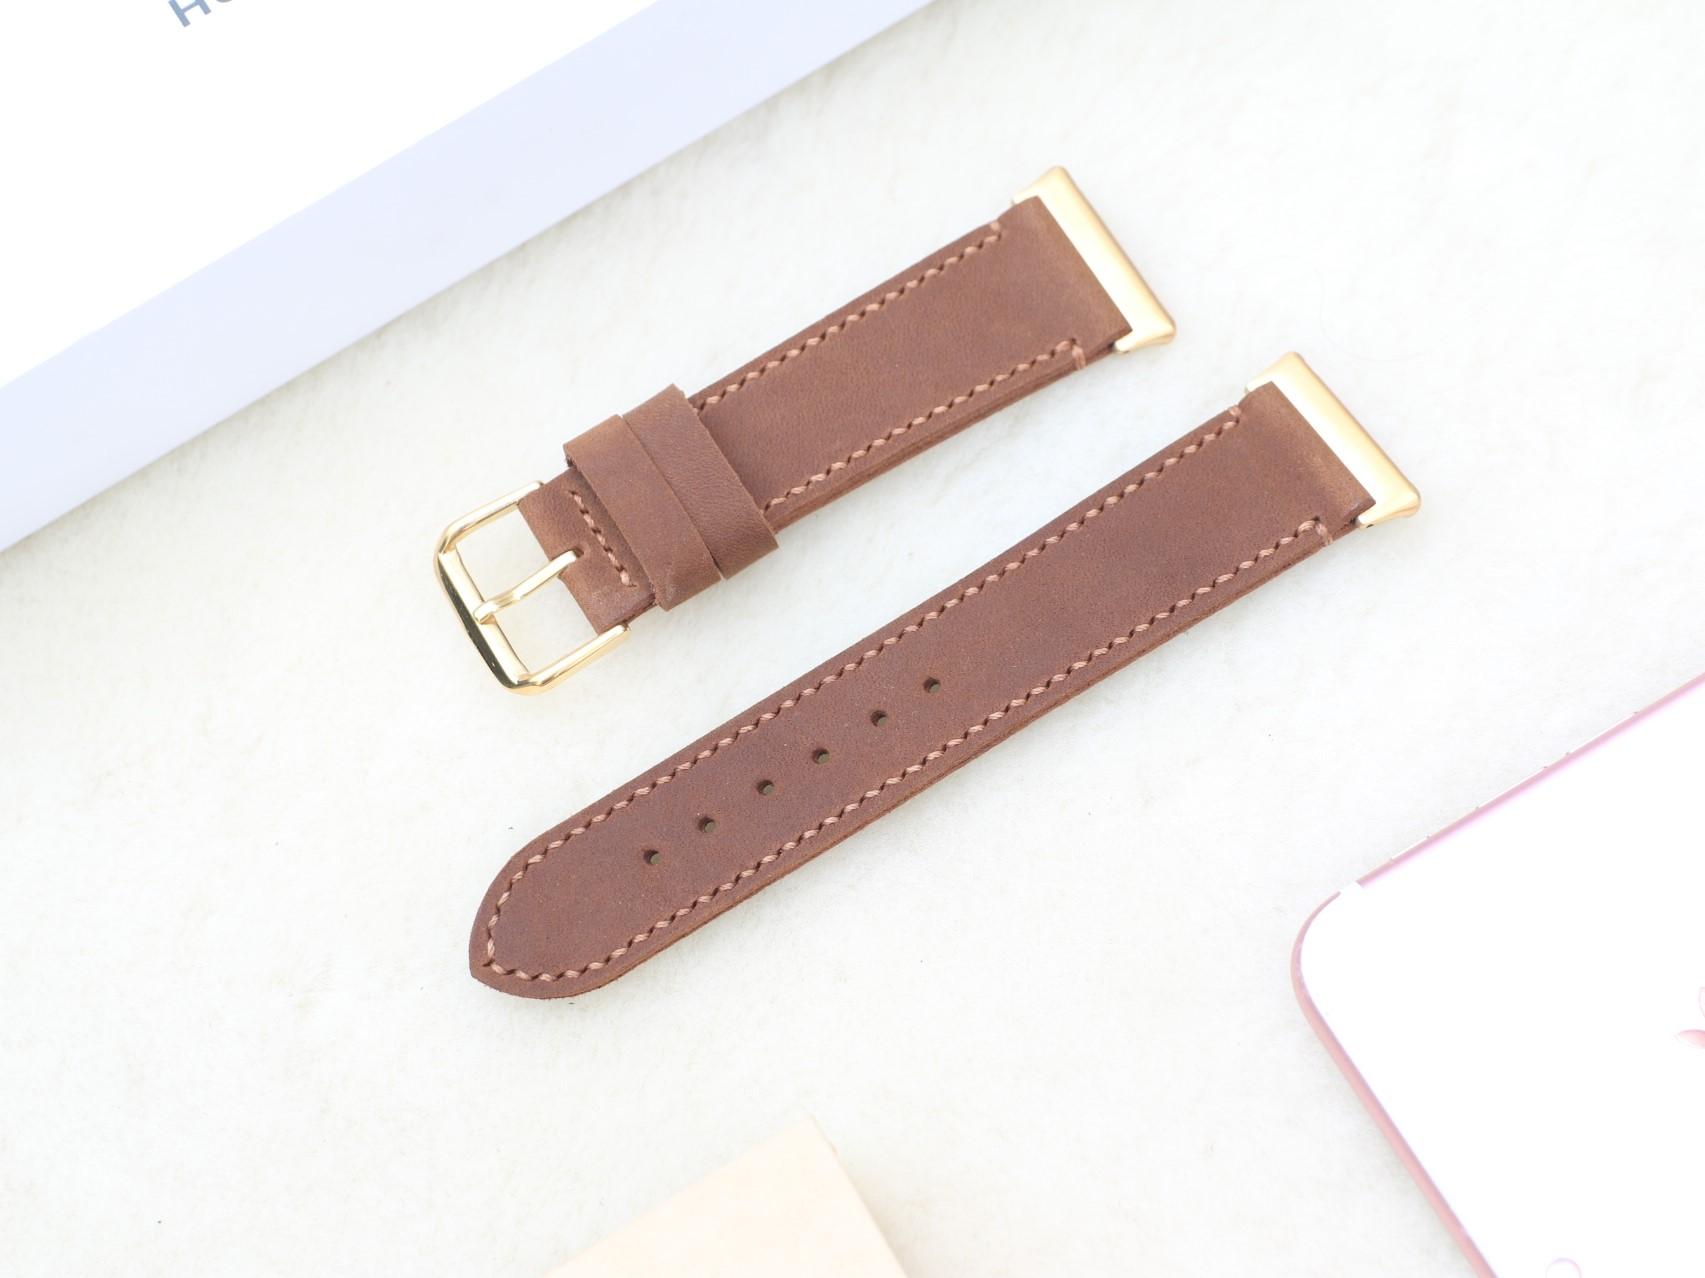 Dây Đeo Da Thay Thế Dành Cho Đồng Hồ Thông Minh Oppo Watch Handmade